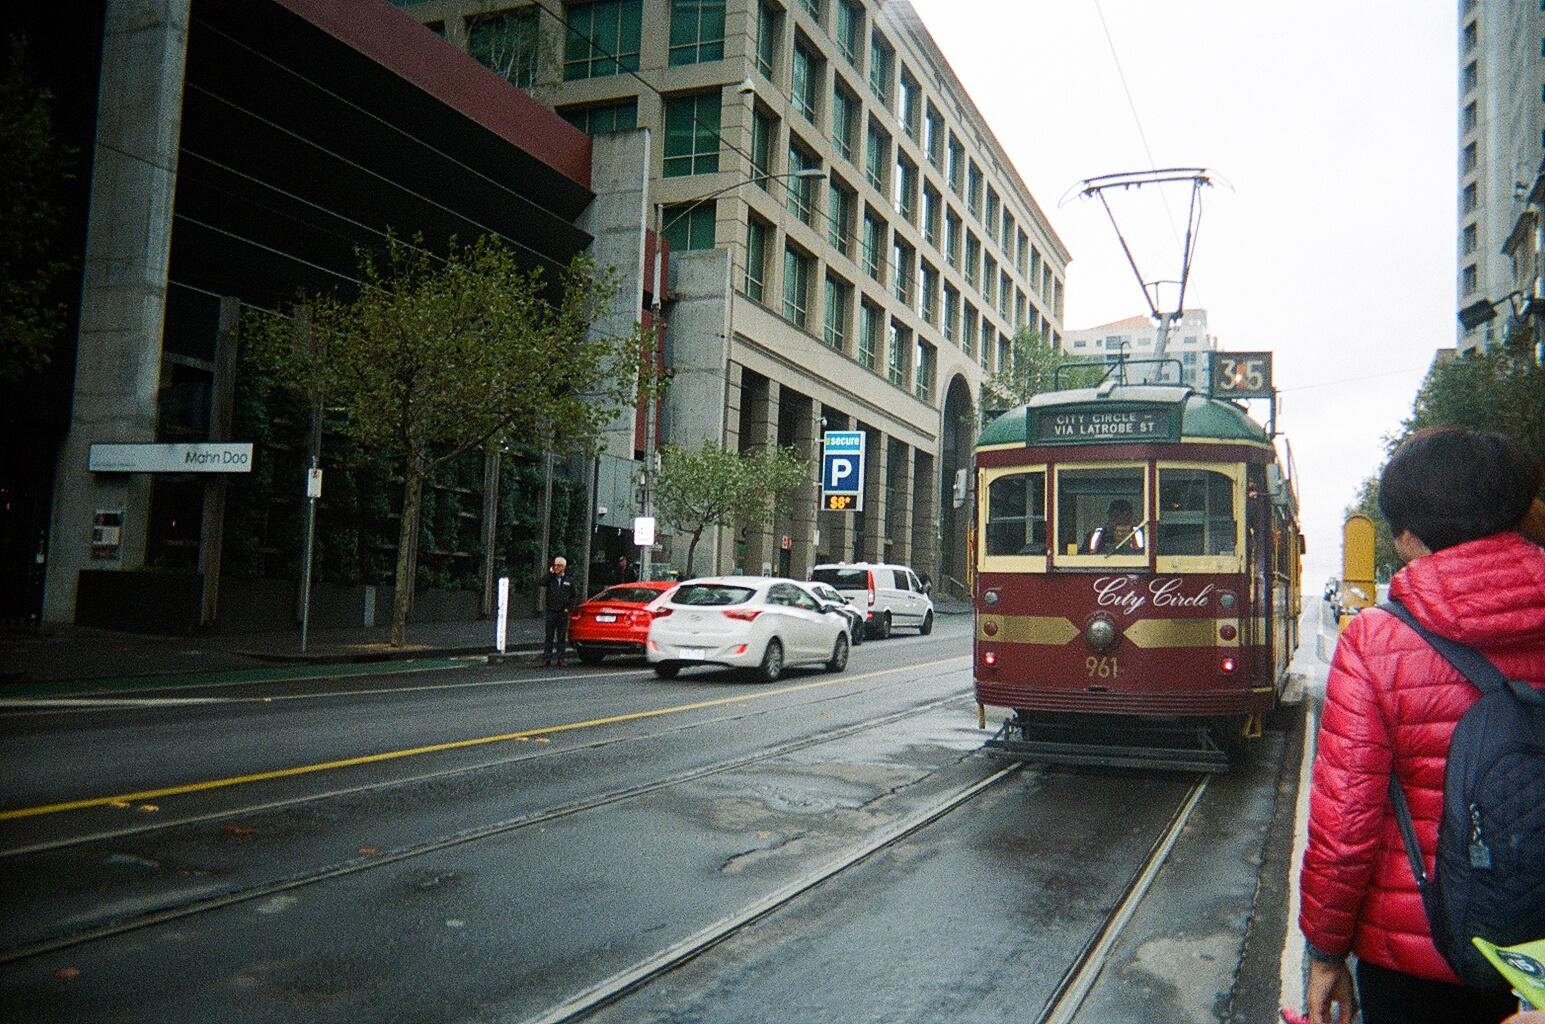 An 'old-school' tram in Melbourne